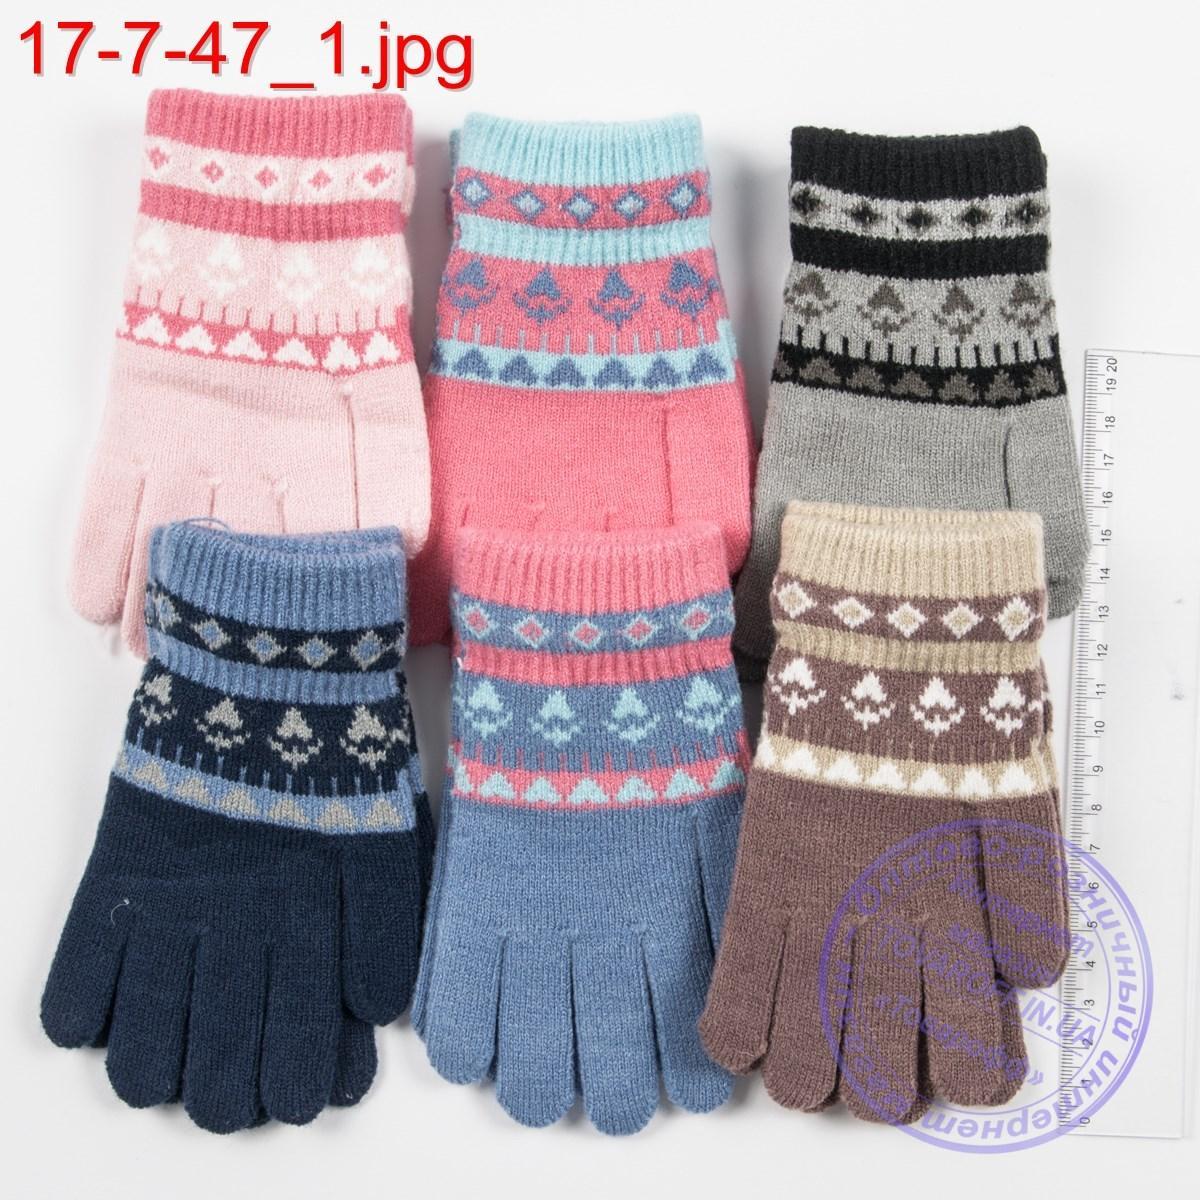 Оптом шерстяные перчатки для девочек и мальчиков 2, 3, 4 года - №17-7-47